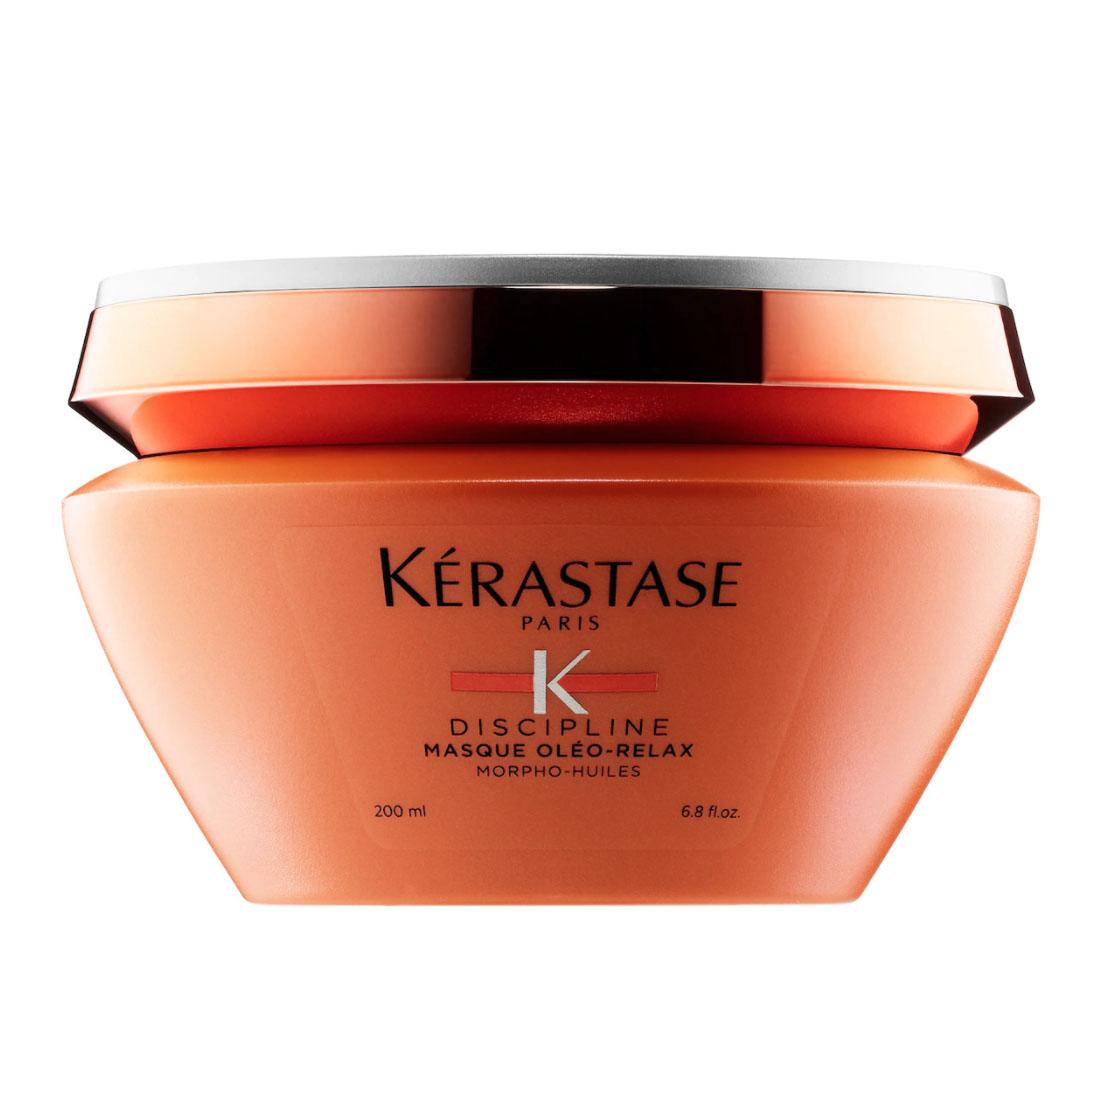 Kérastase Discipline Oleo Relax Anti-Frizz Mask naivasha hair care routine